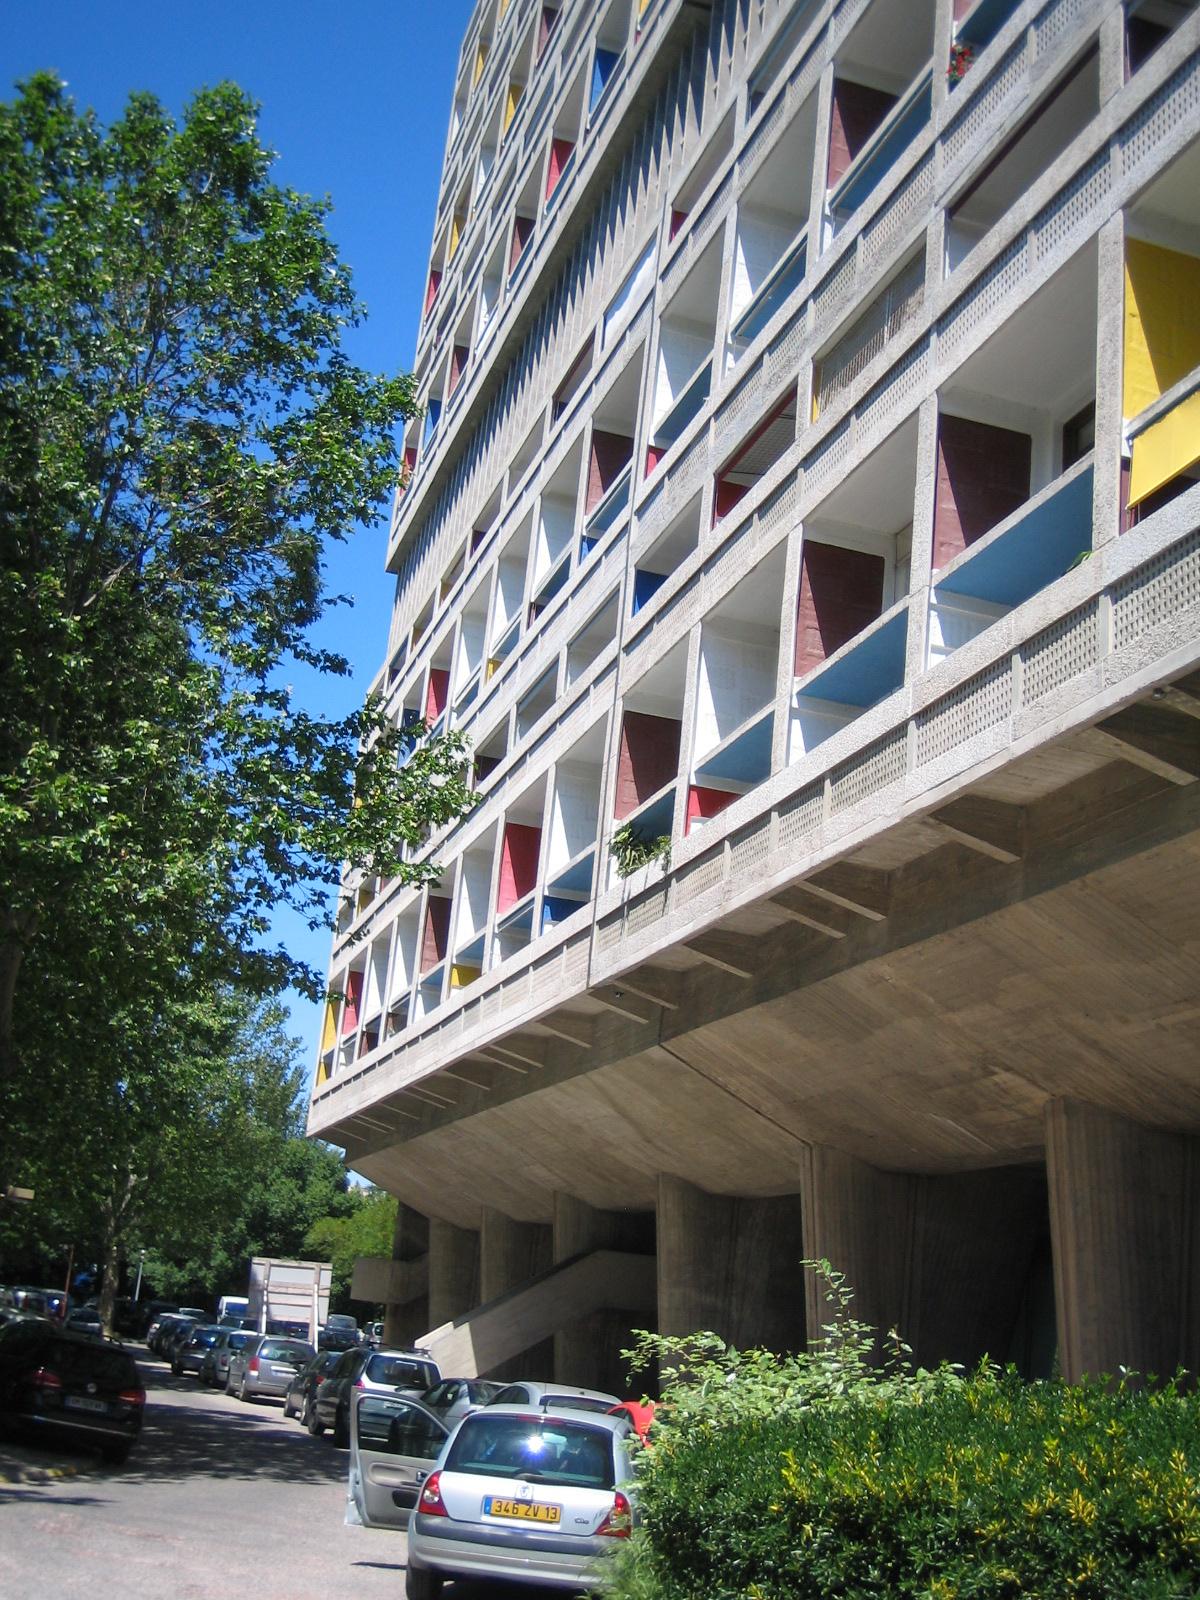 Cité radieuse de Le Corbusier - Marseille